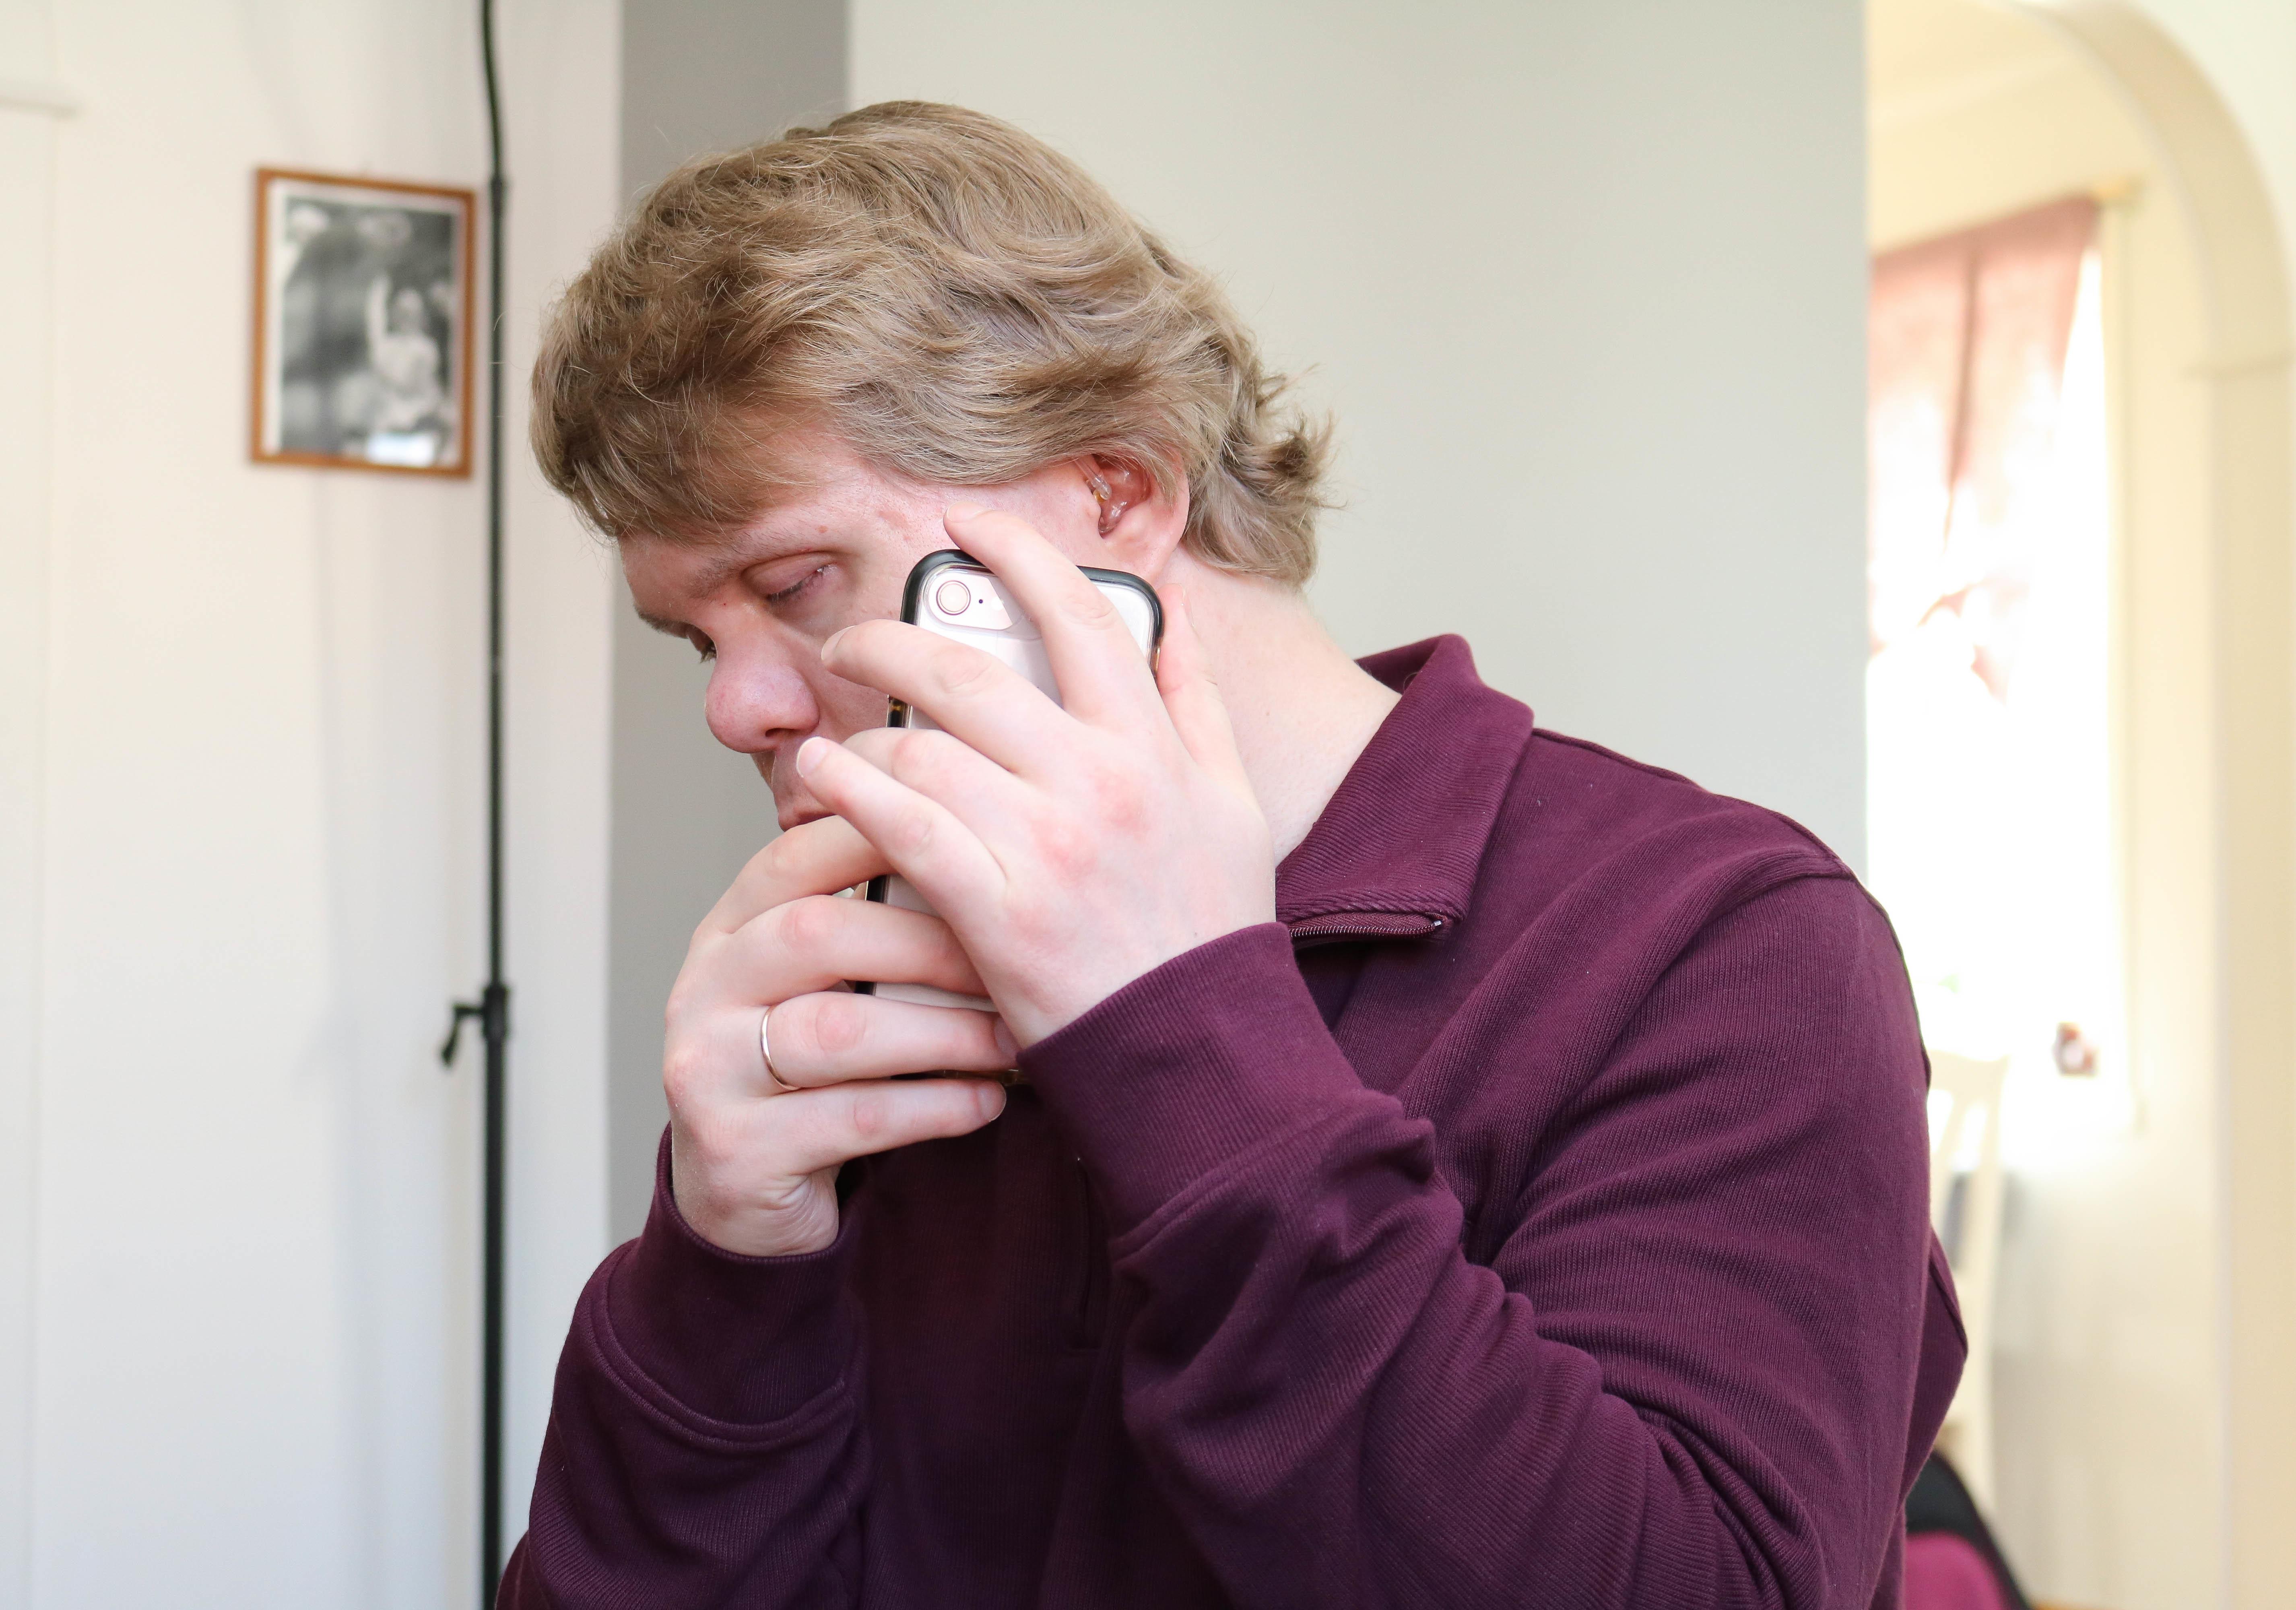 Døvblind mann med lilla genser hører på sin Iphone.